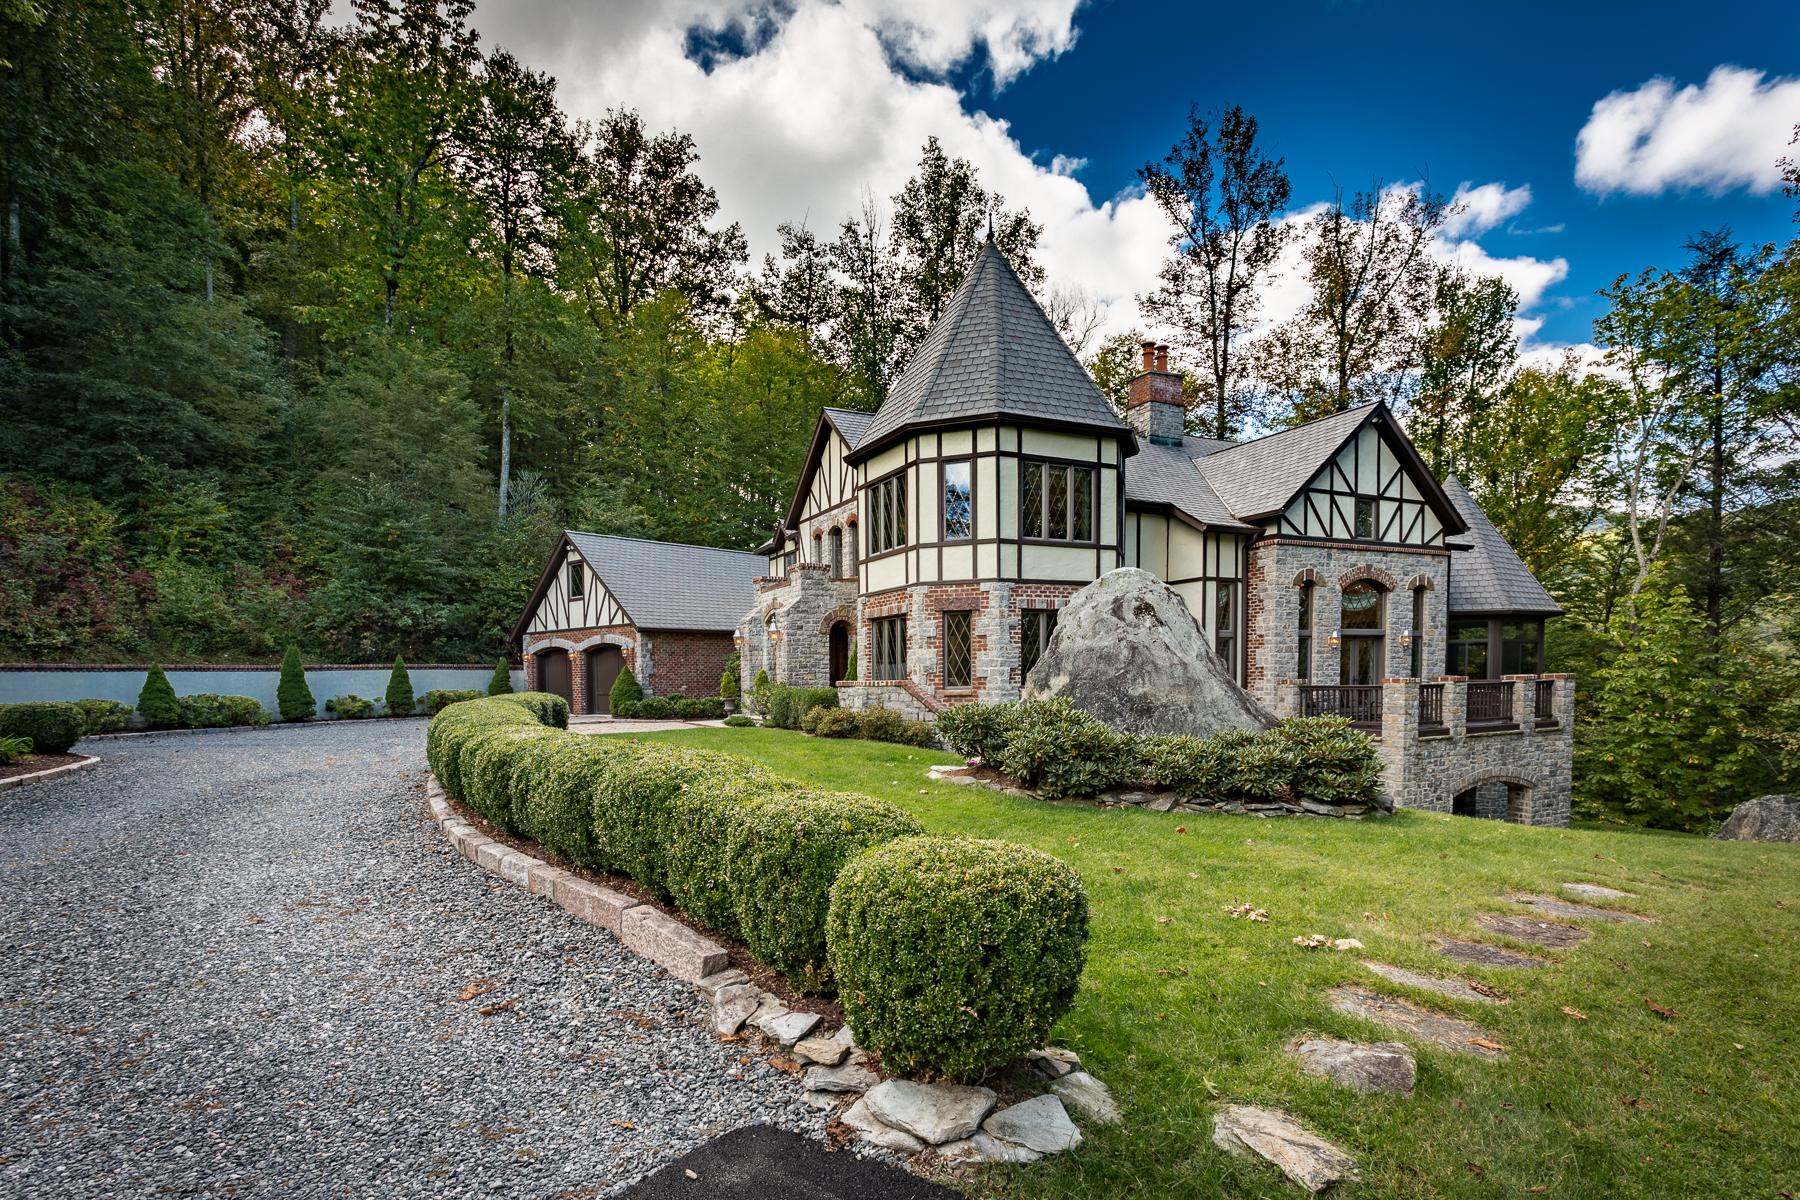 단독 가정 주택 용 매매 에 ENGLISH TUDOR ESTATE 838 Church Road Rd Boone, 노스캐놀라이나, 28607 미국